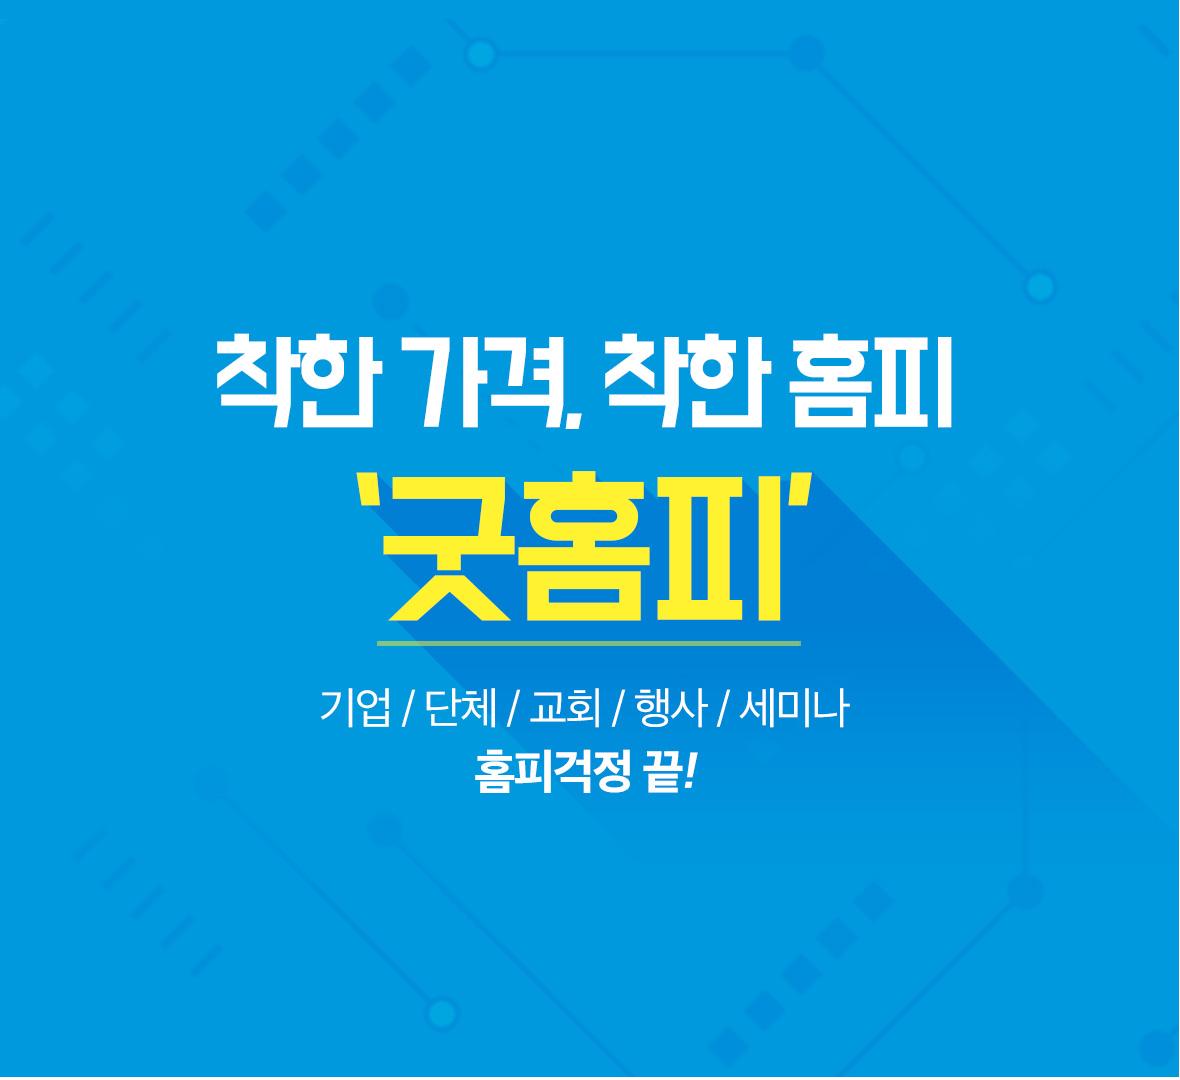 소개이미지3